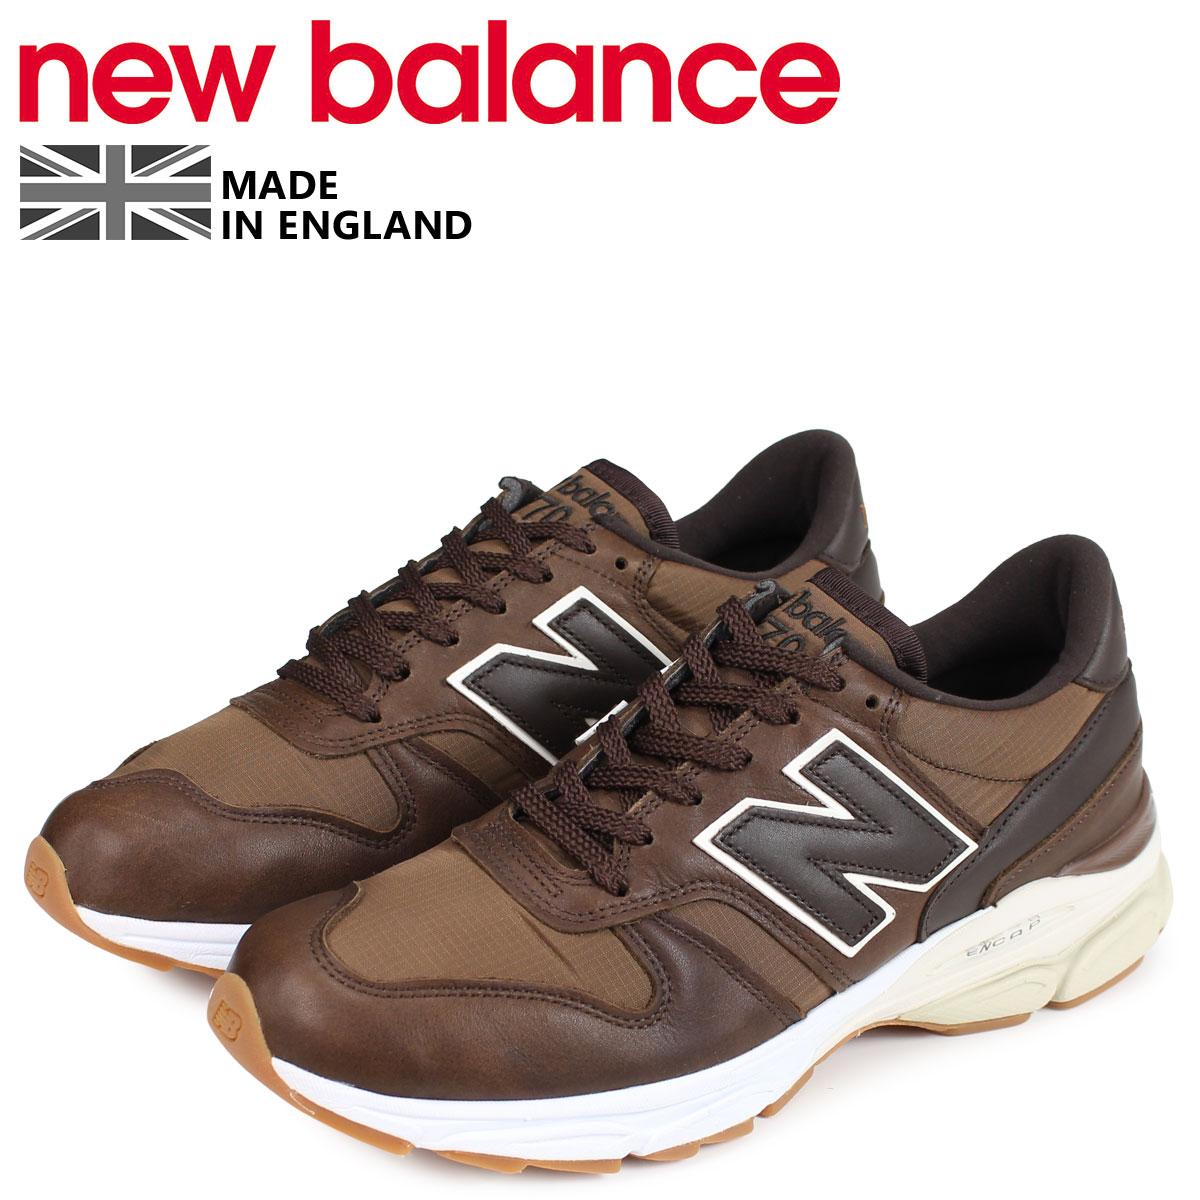 new balance ニューバランス M7709 スニーカー メンズ Dワイズ MADE IN UK ブラウン M7709LP